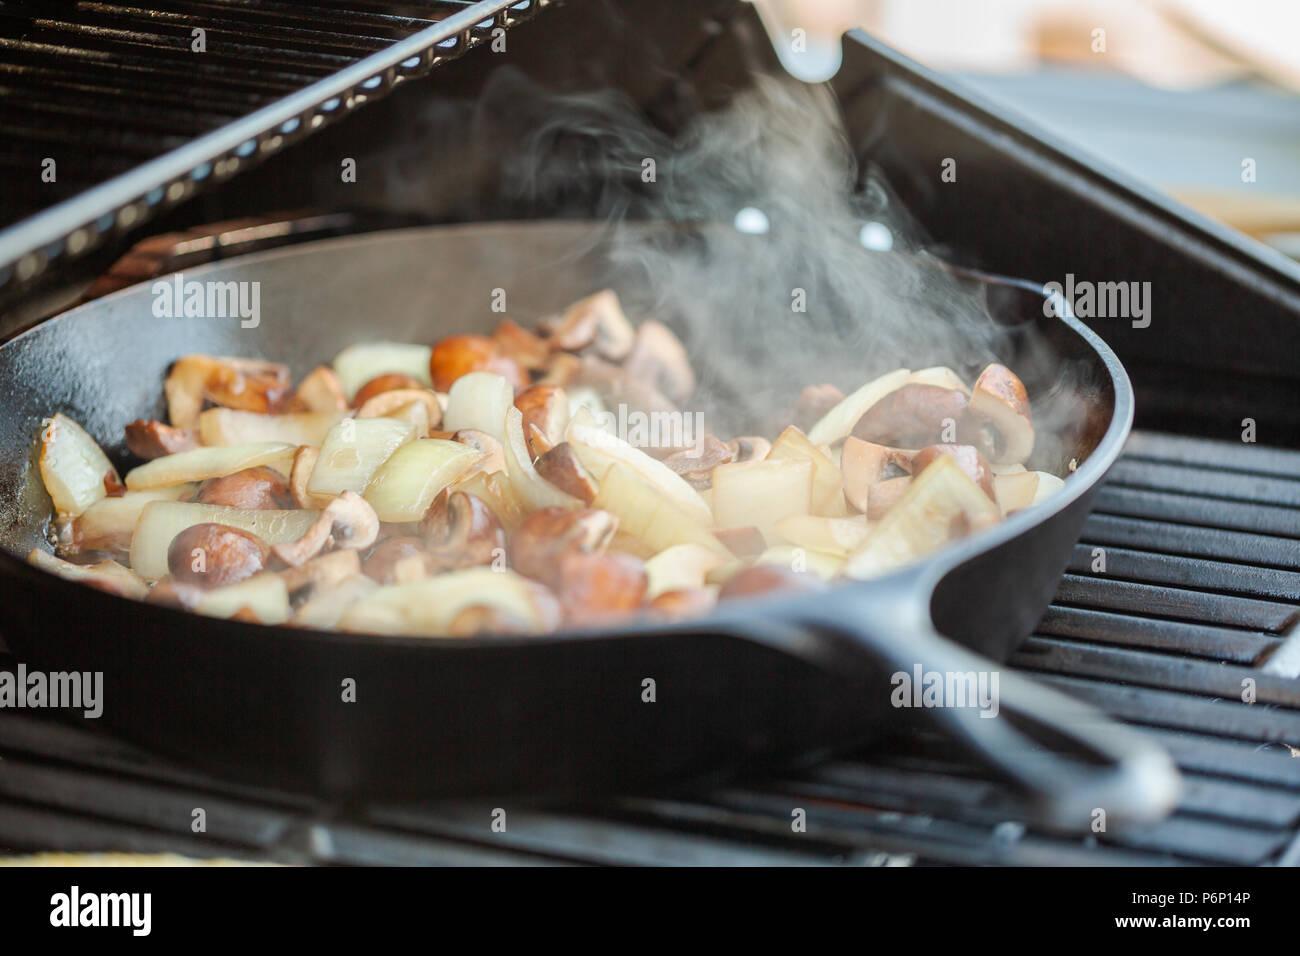 Wok Für Gasgrill : Wok pfanne gasgrill: wok aus stahl mit adapter für gasgrill brÄter